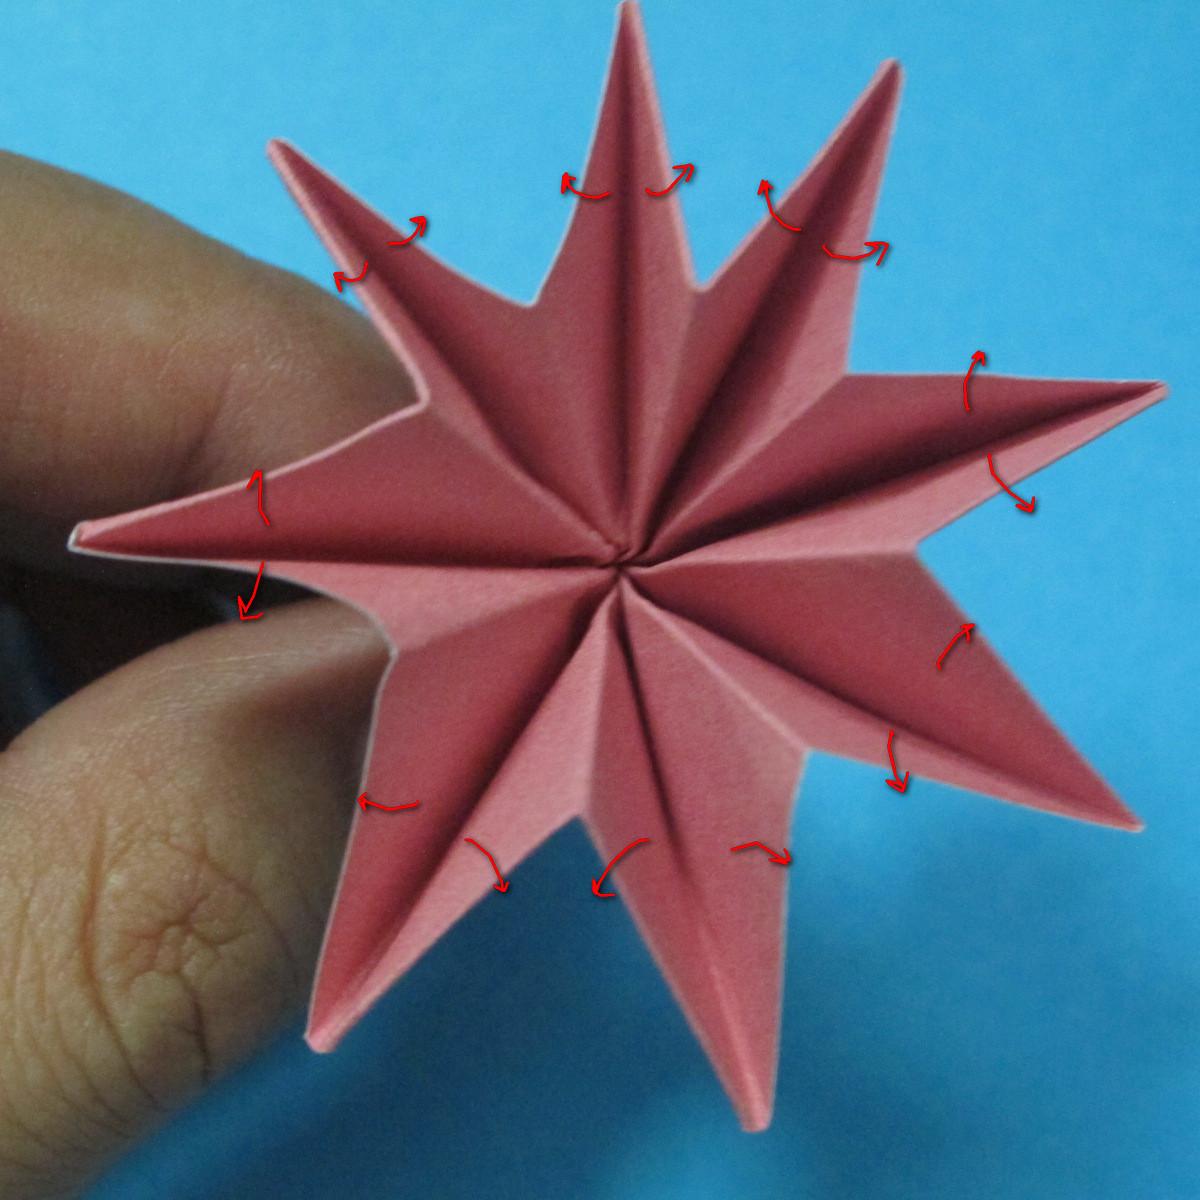 วิธีการพับกระดาษเป็นดอกไม้แปดกลีบ 018